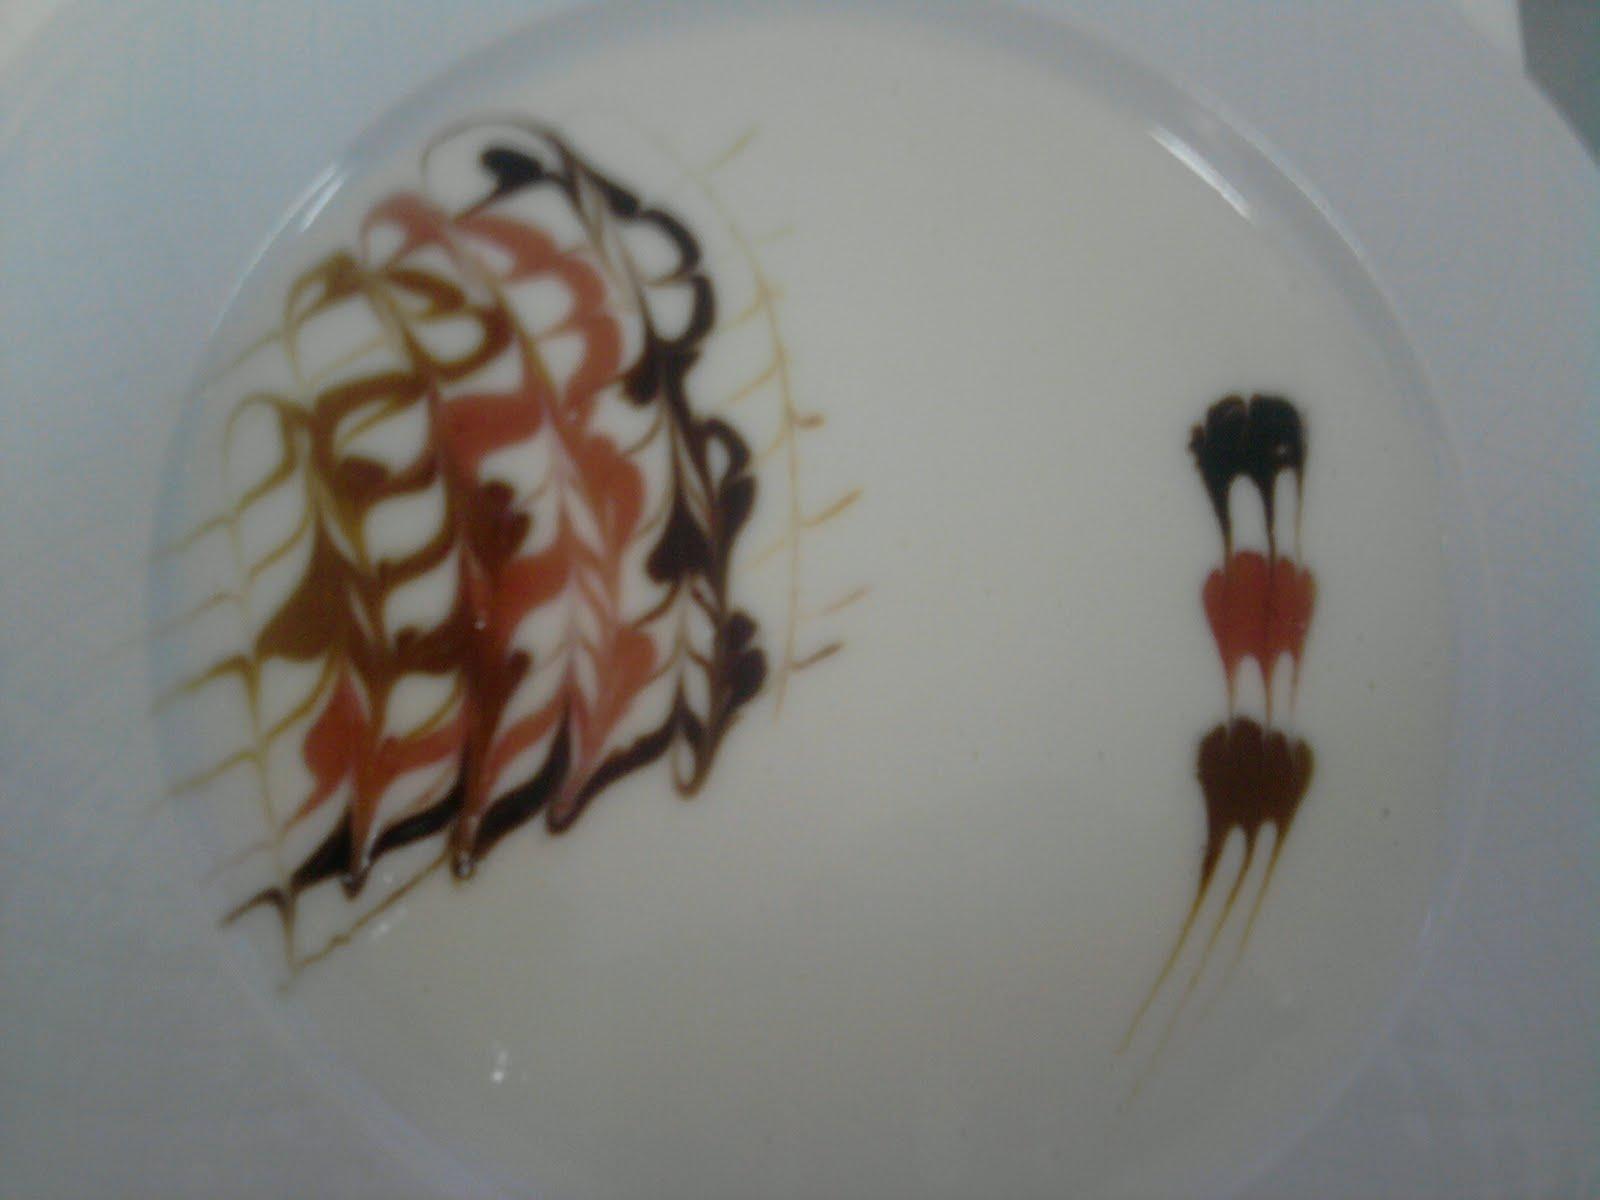 Cocineando decoraci n de platos para postres - Decoracion de platos ...